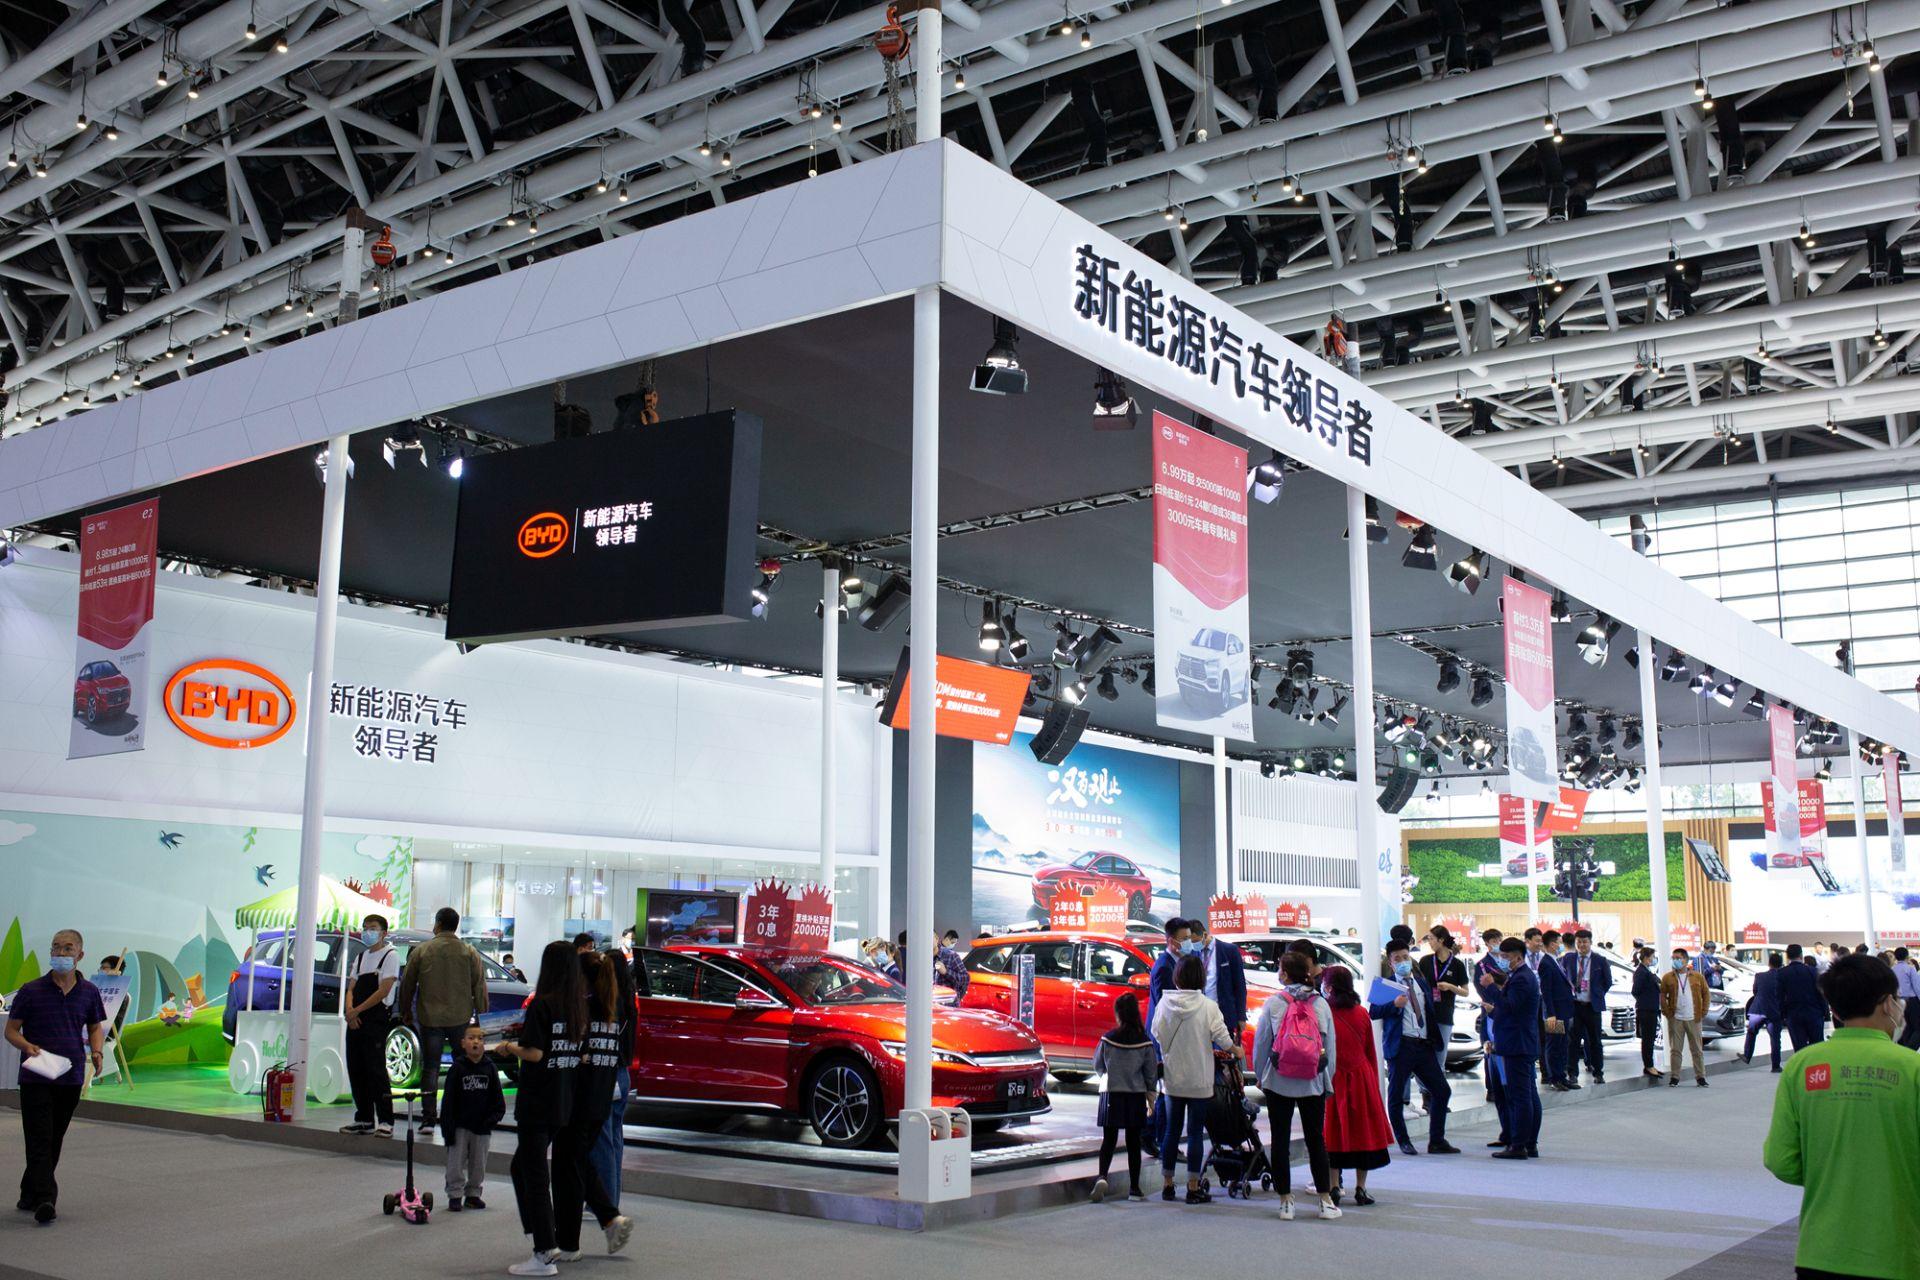 比亚迪汽车销量稳增 汉上市后大受热捧 西安地区已交付200辆